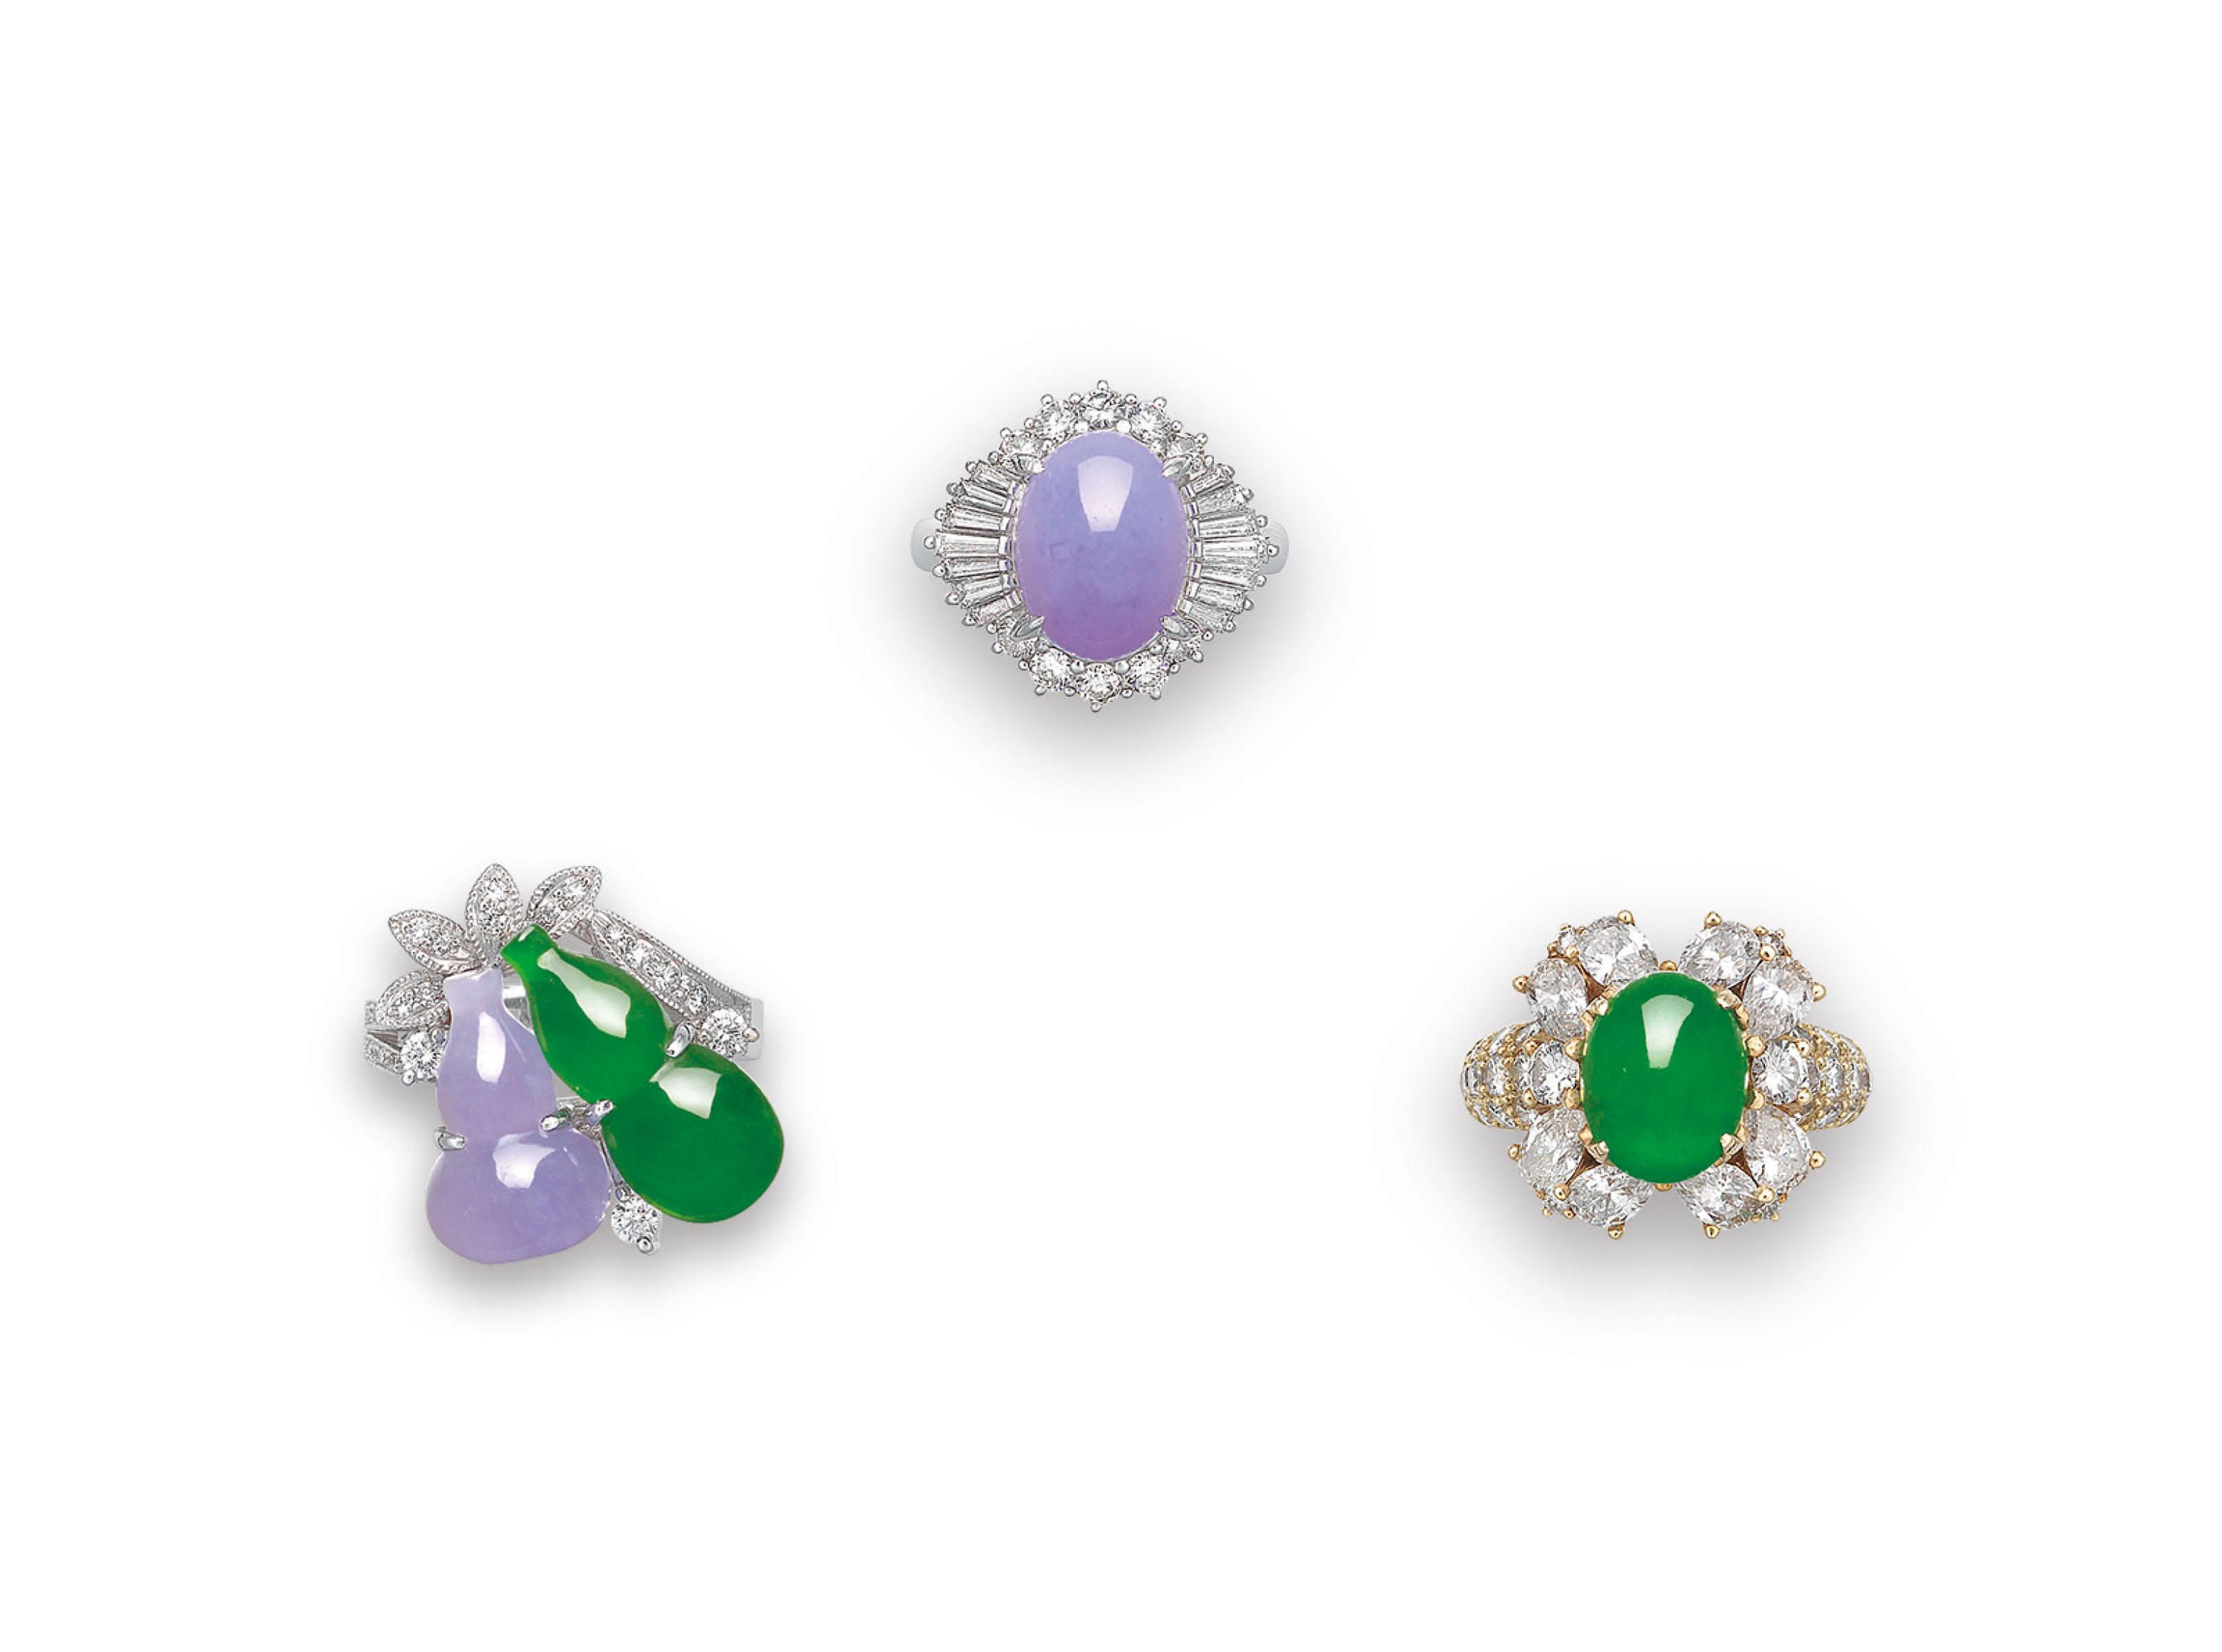 THREE JADEITE AND DIAMOND RINGS